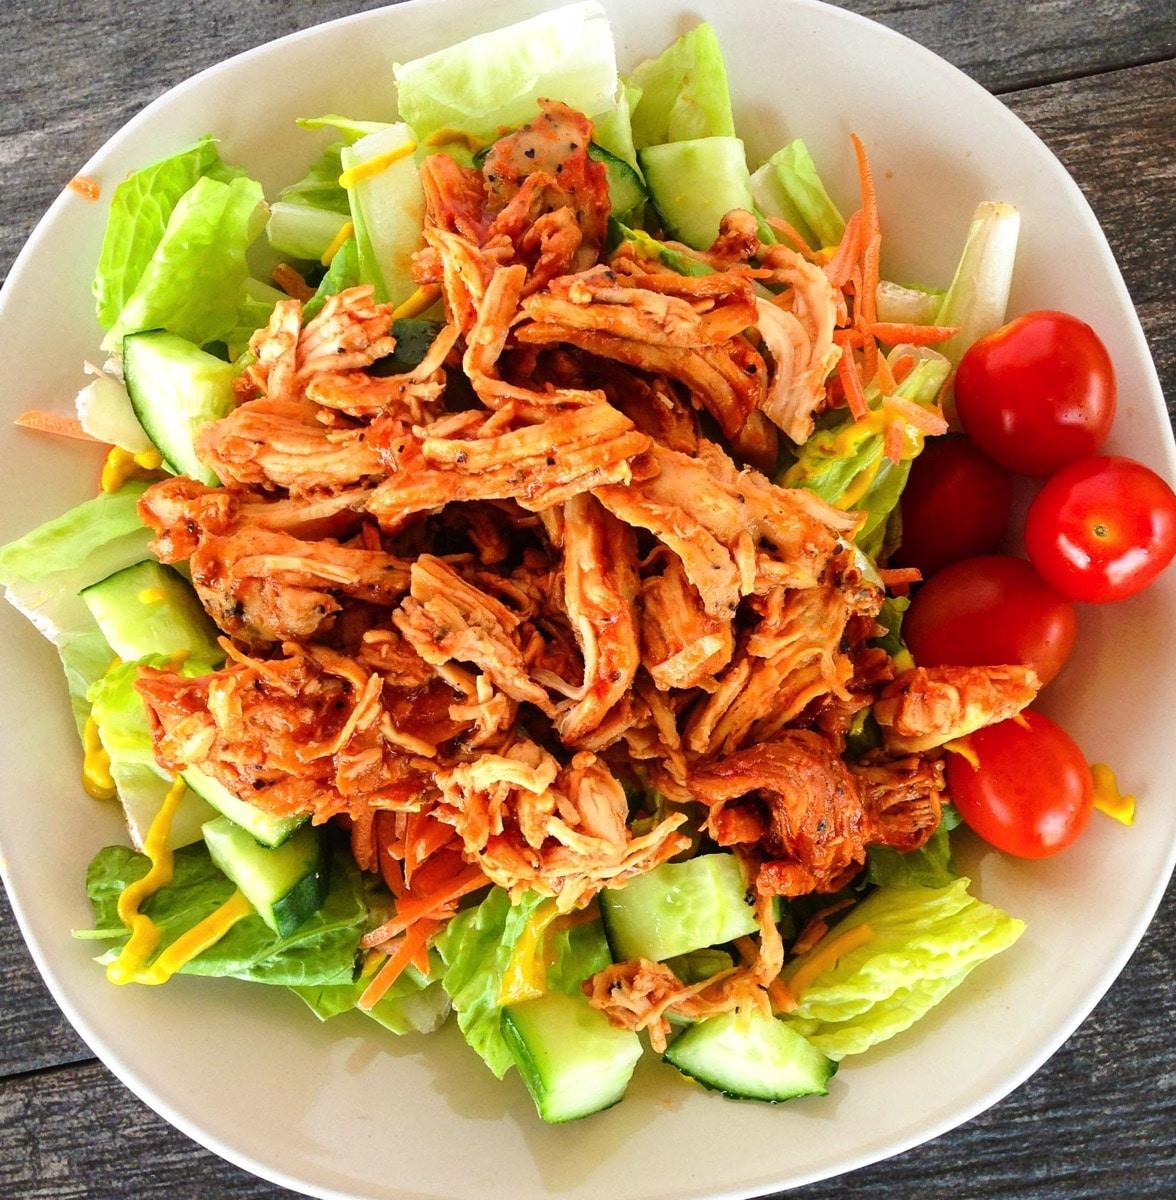 Bbq chicken salad 2433